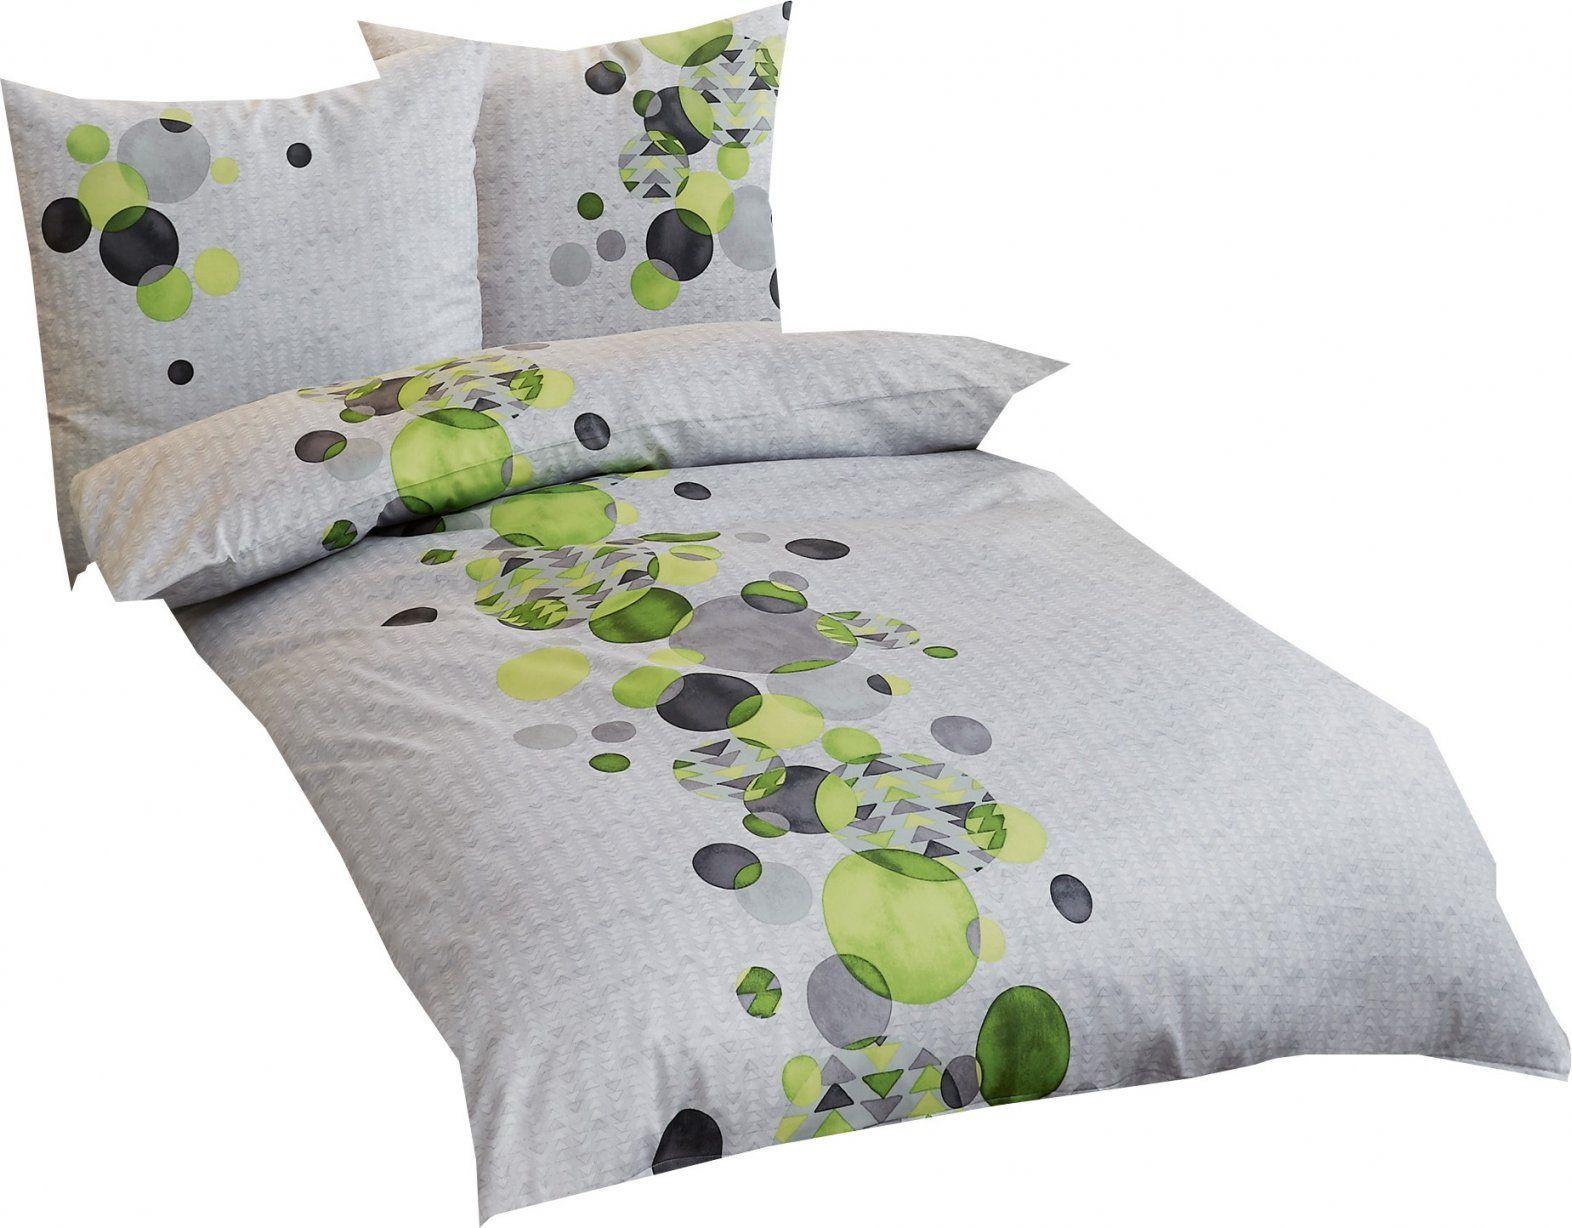 Kaeppel Sweet Home Mako Satin Bettwäsche Global Größe 155X220+80X80 von Satin Bettwäsche Grün Bild